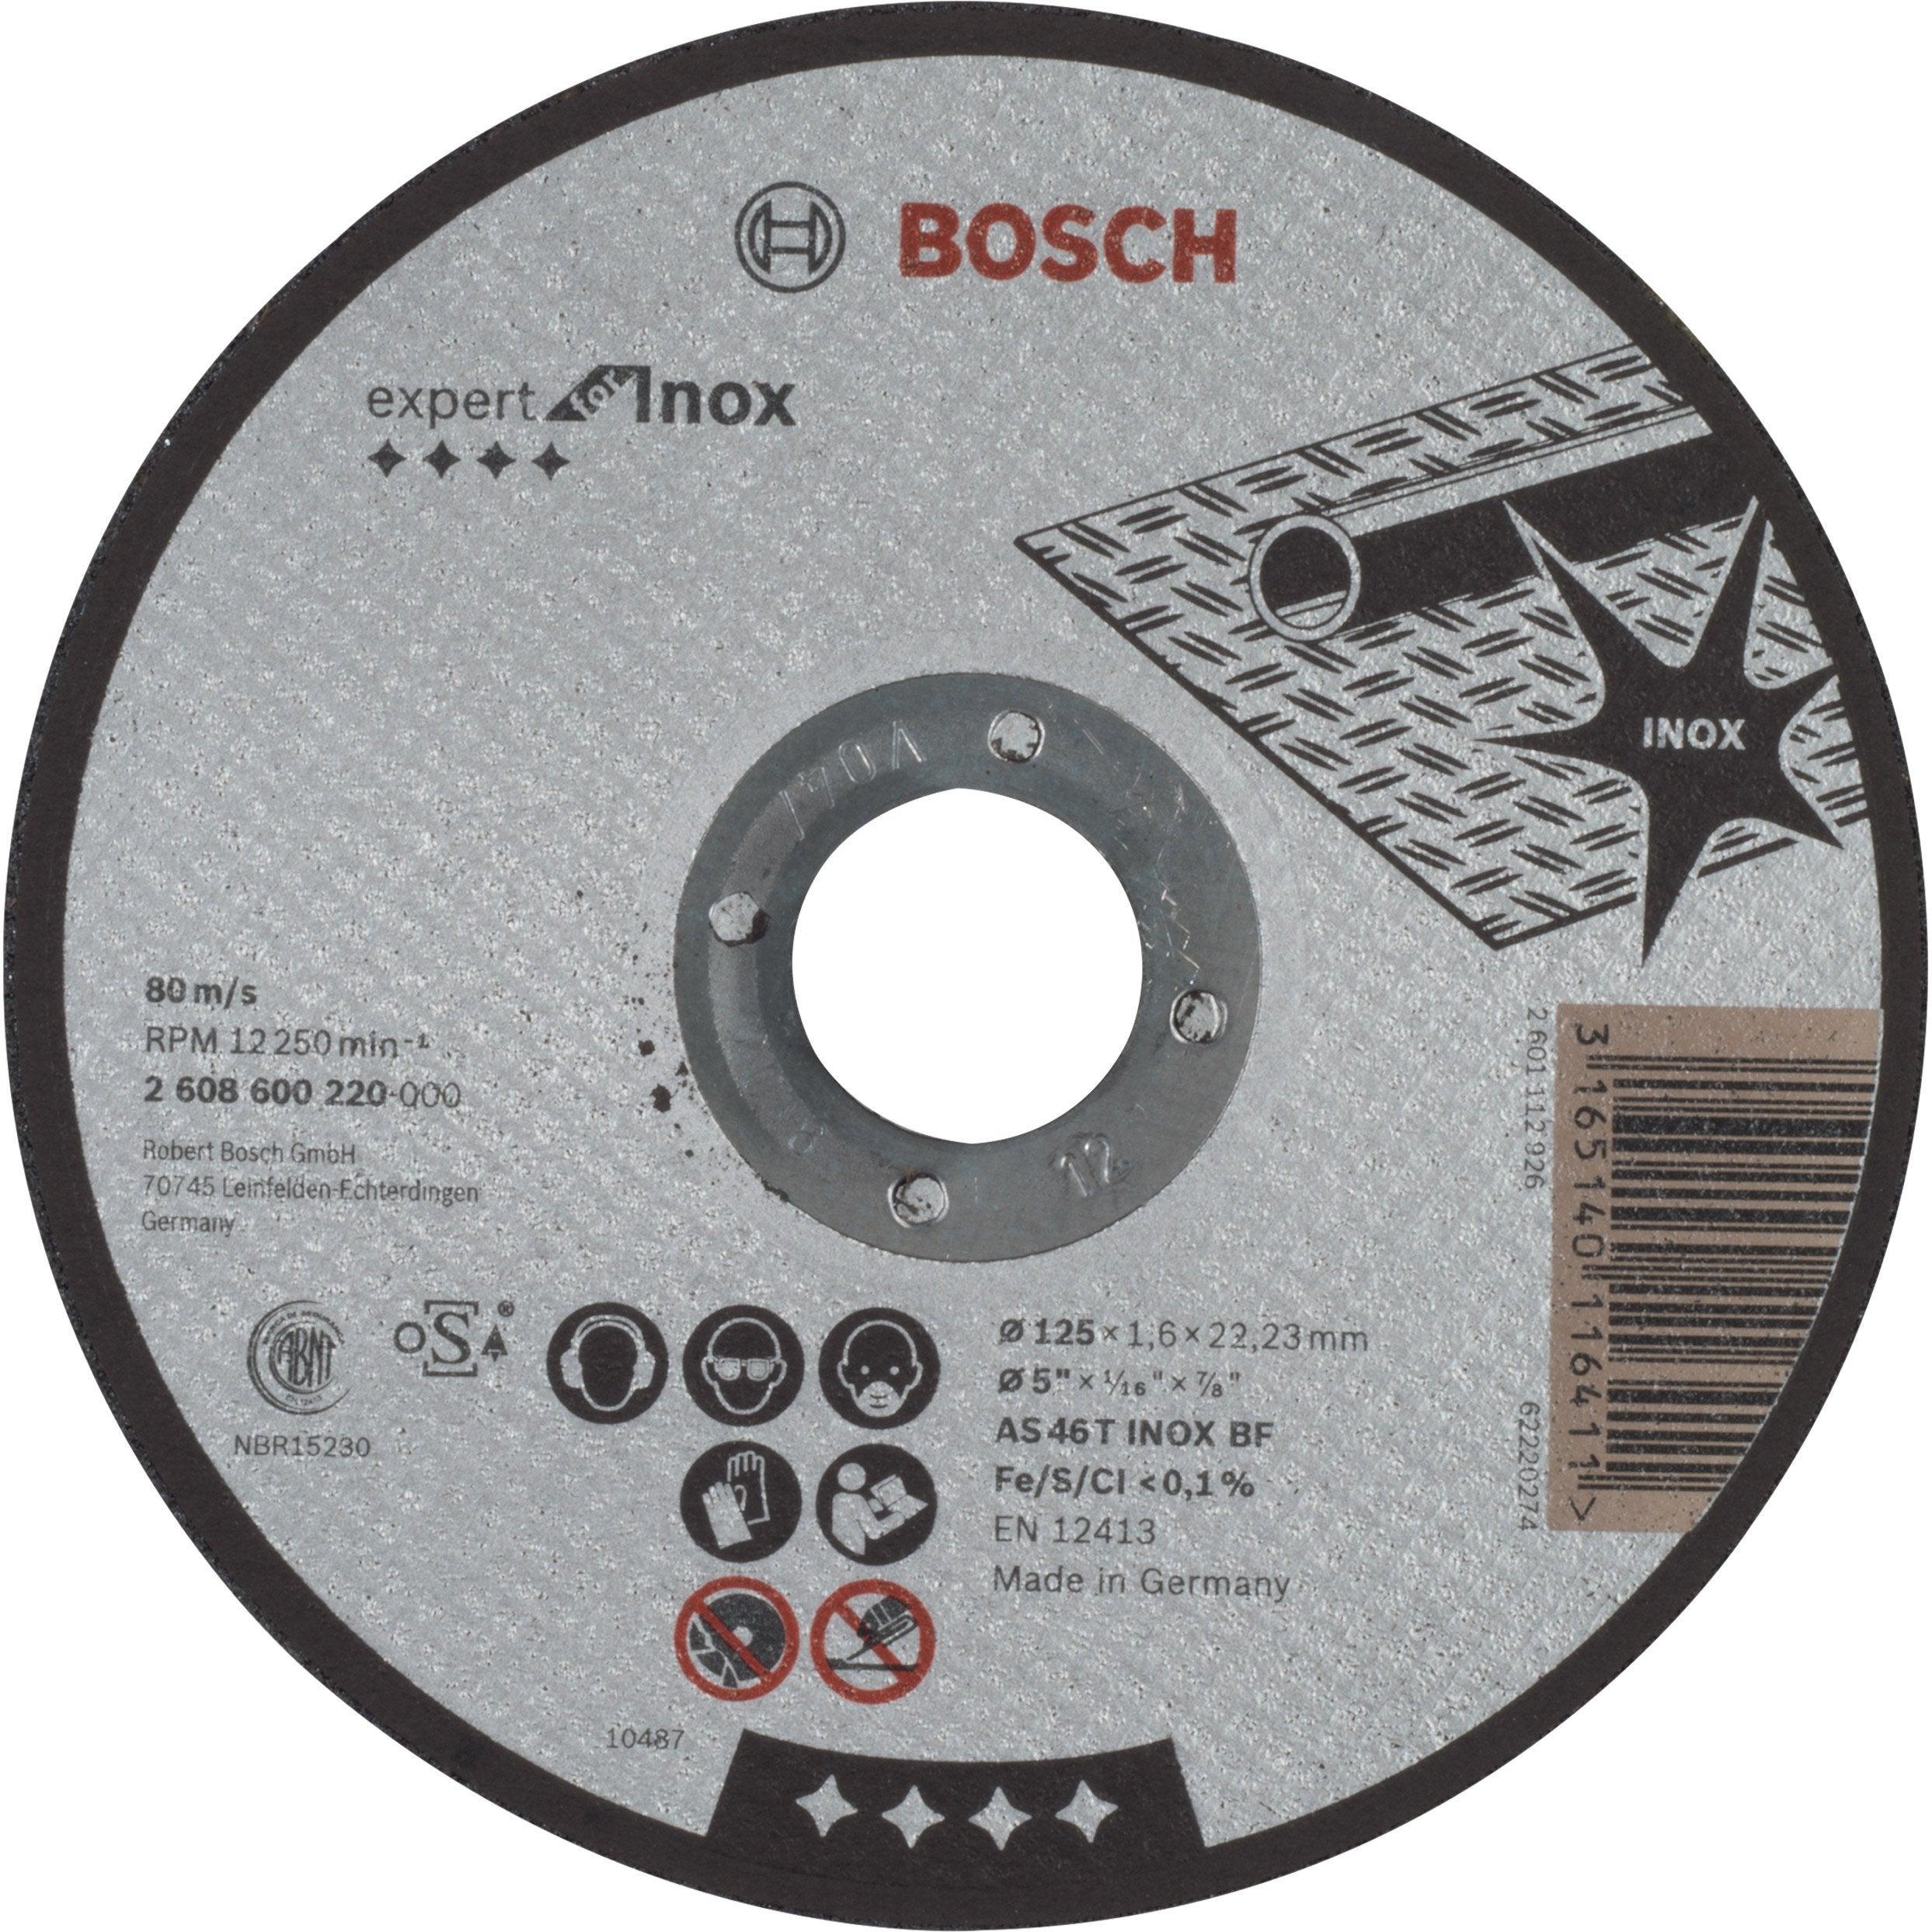 Disque Pour Inox Bosch Diam 125 X 1 6 X 22 2 Mm 2608600220 Diamant Disque